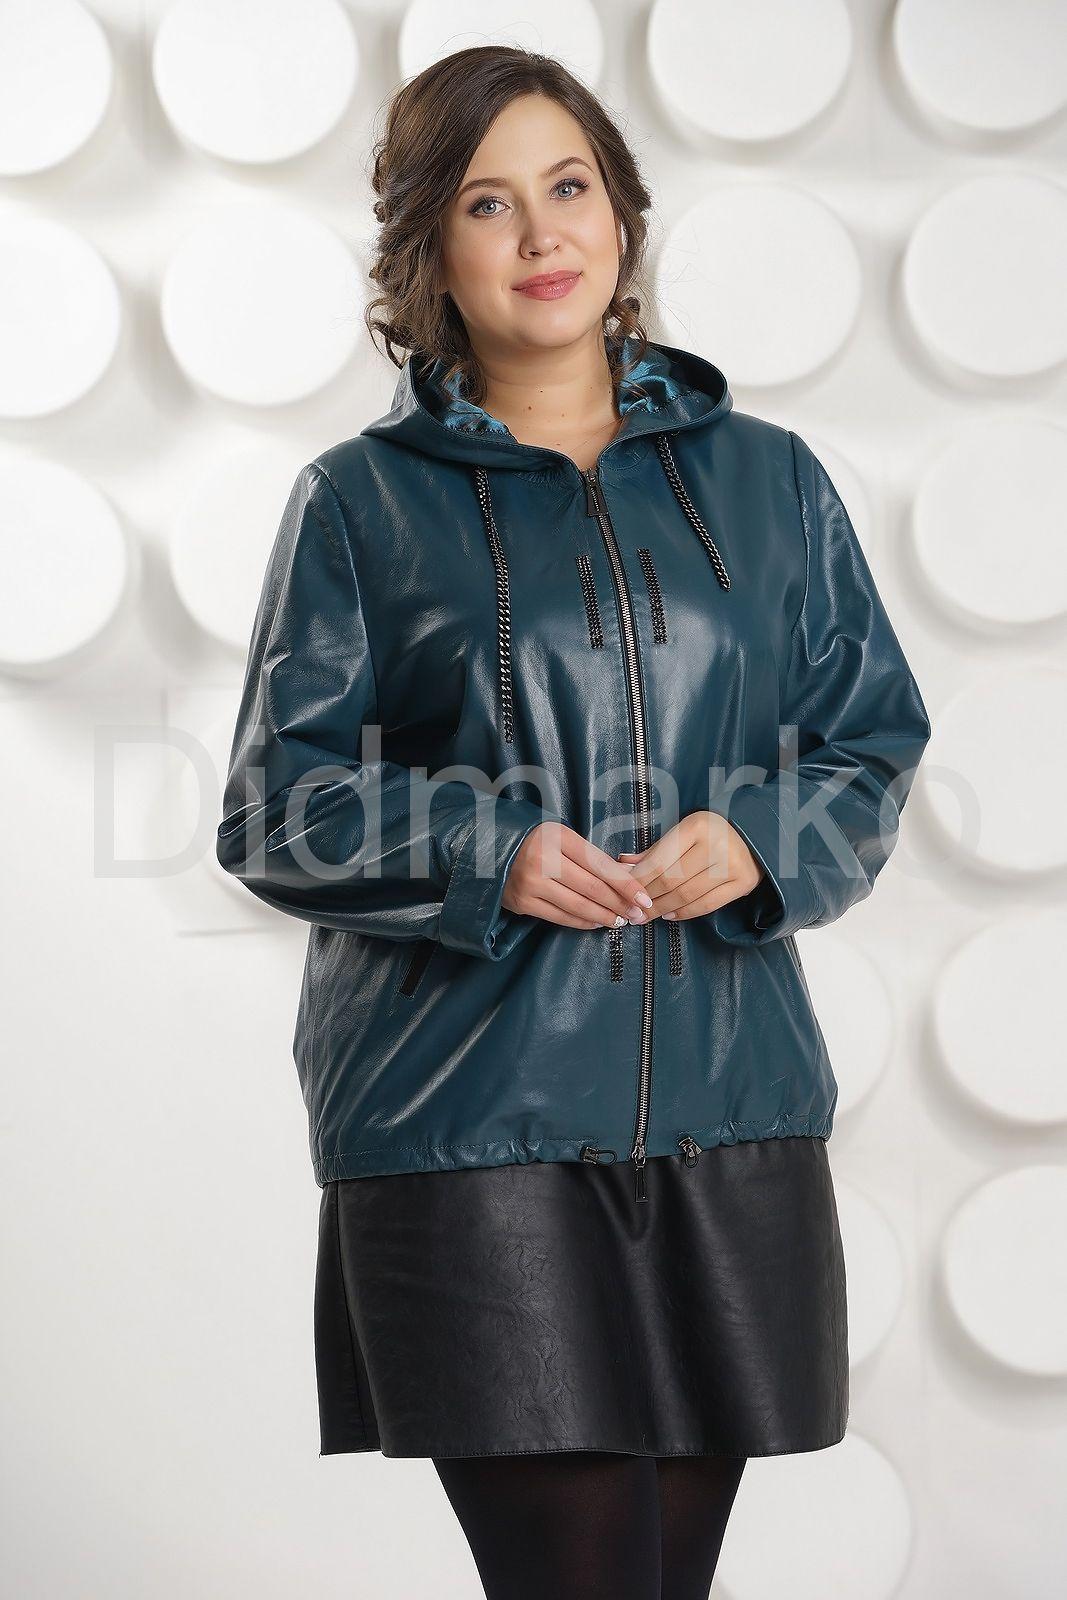 6ec47f9980d Кожаная куртка цвета морской волны купить по цене 23000.00